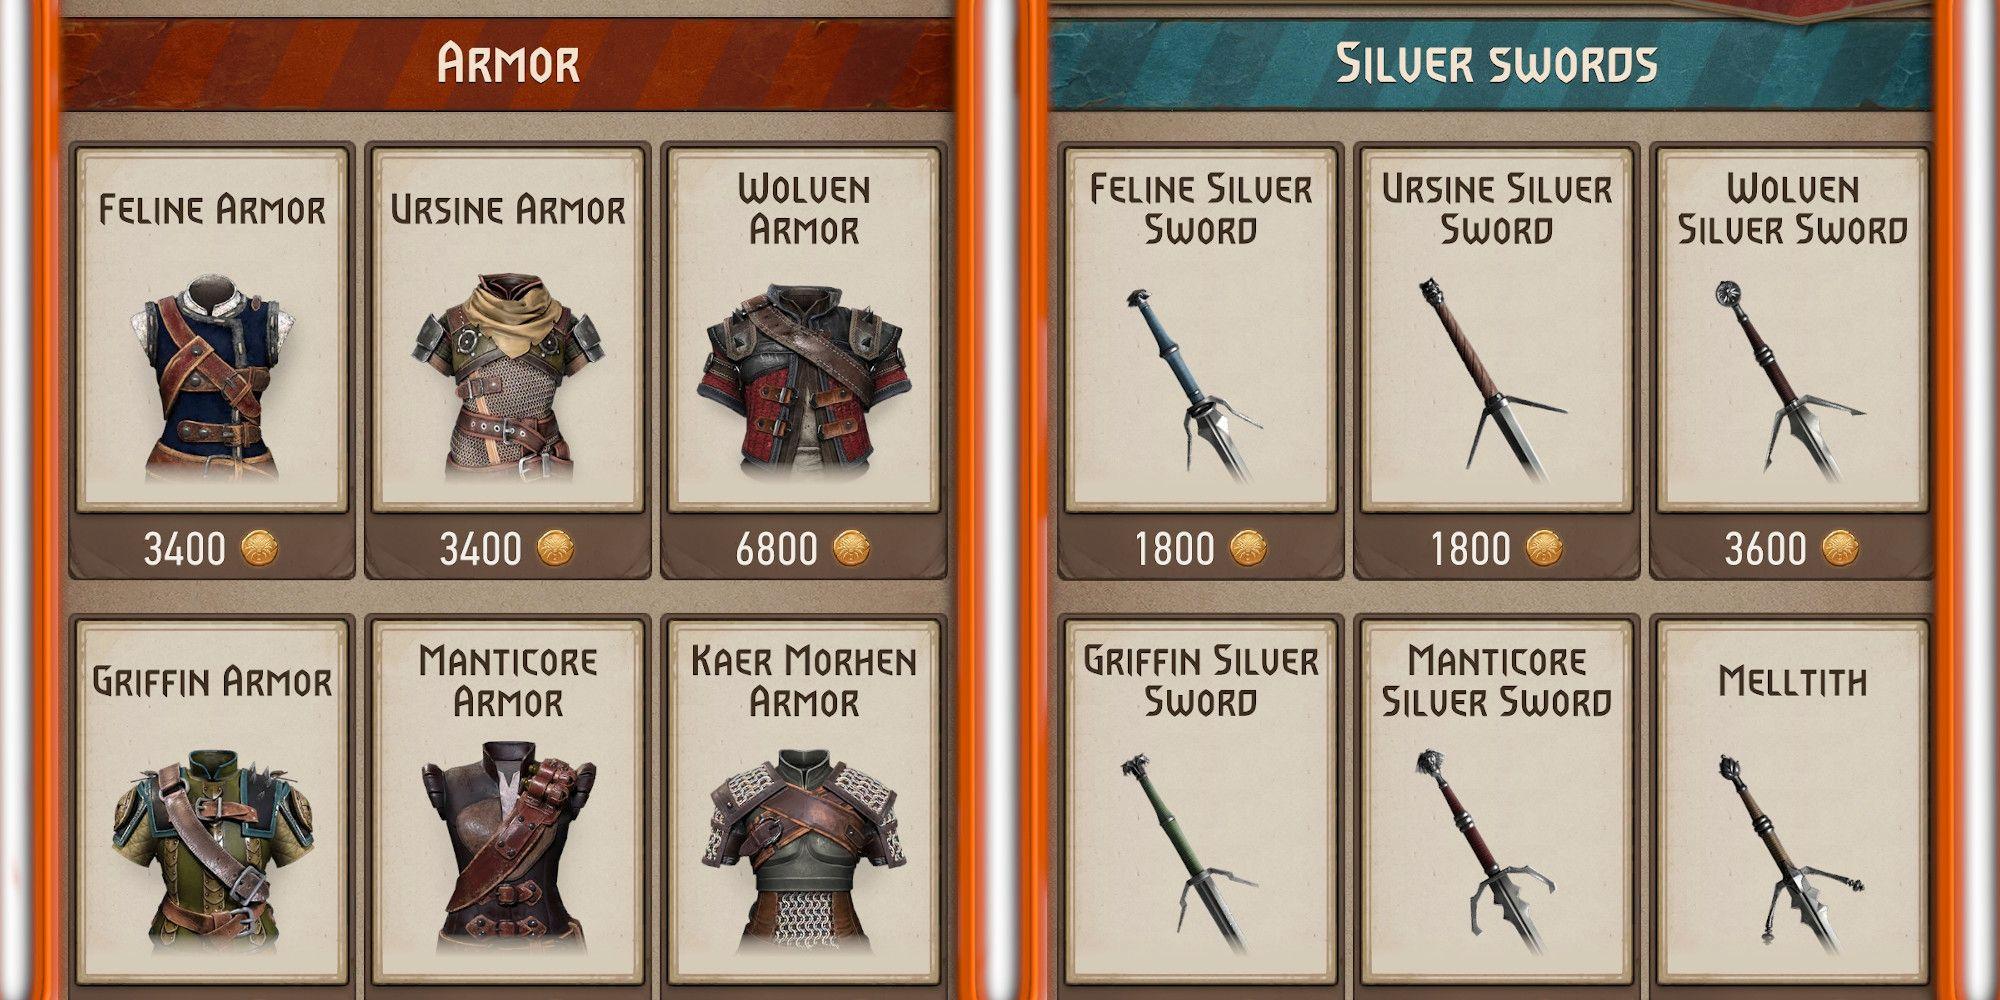 Todo el equipo disponible en The Witcher: Monster Slayer, y para qué guardar tu moneda